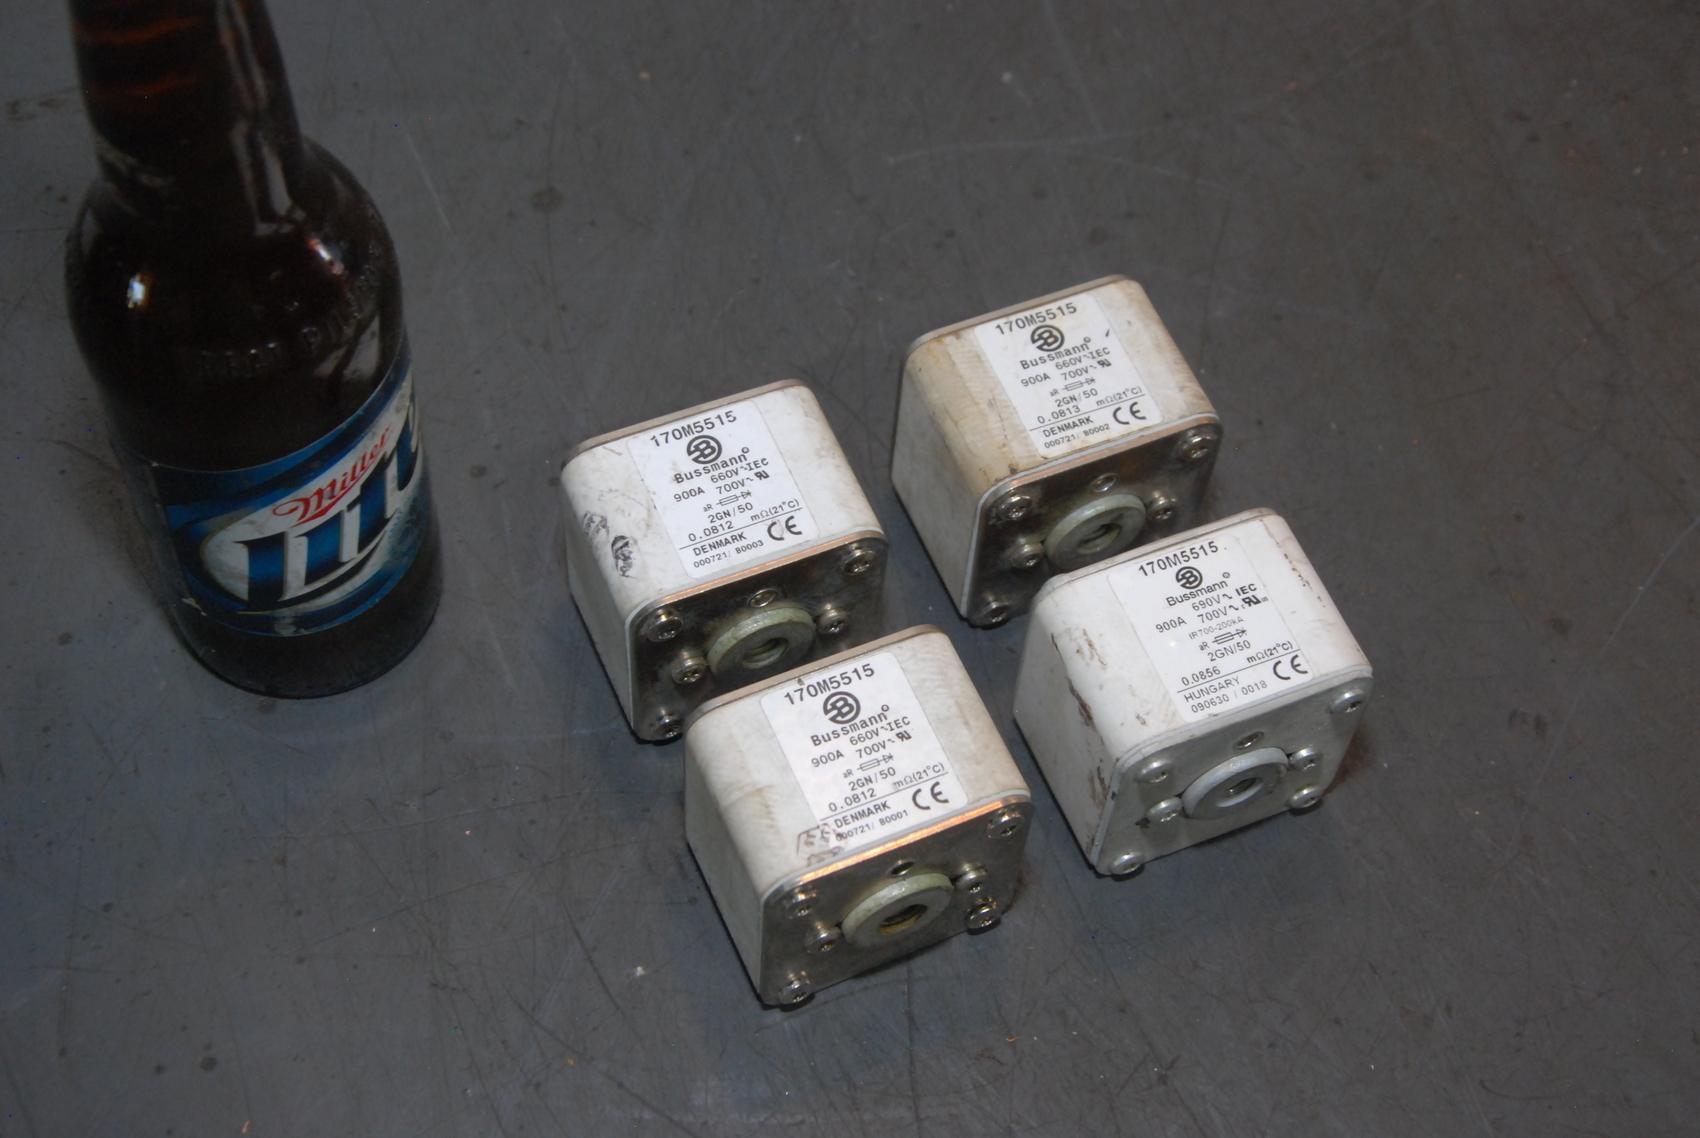 Lot of 4 BUSSMANN 170M5515 FUSES 900A 690V 700V 2GN/50